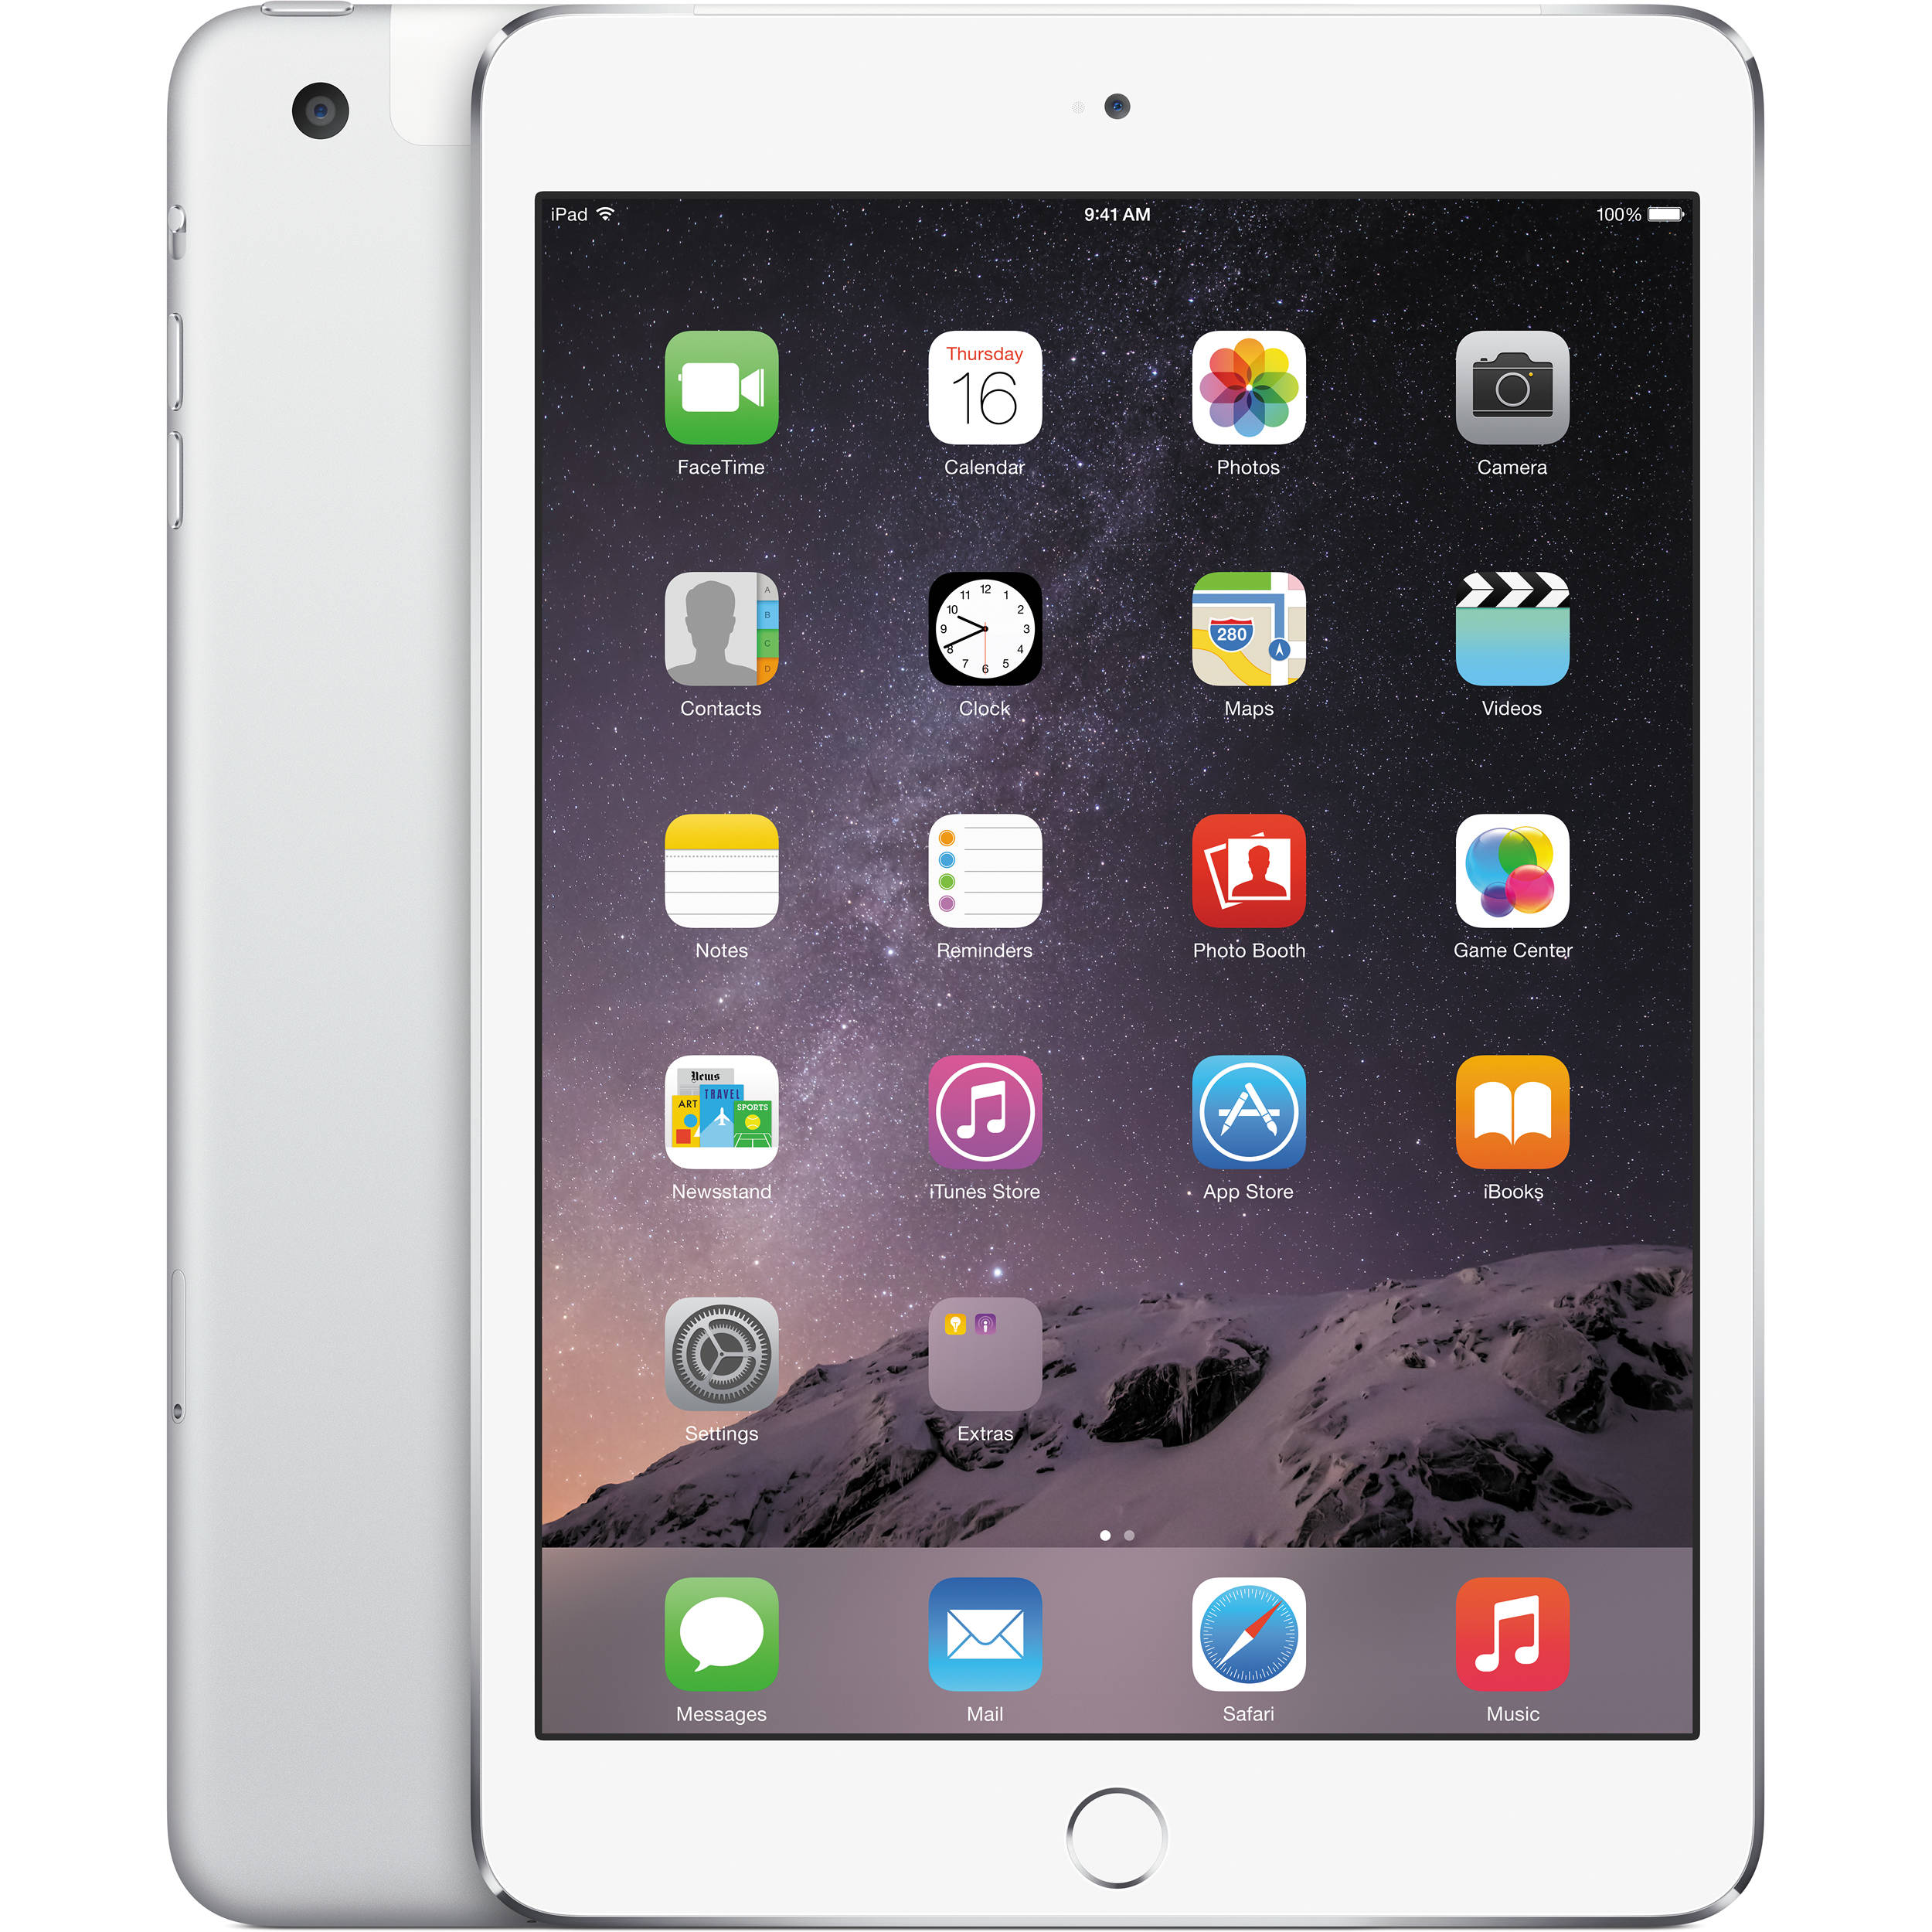 16gb Silvers: Apple 16GB IPad Mini 3 (Wi-Fi + 4G LTE, Silver) MH3F2LL/A B&H